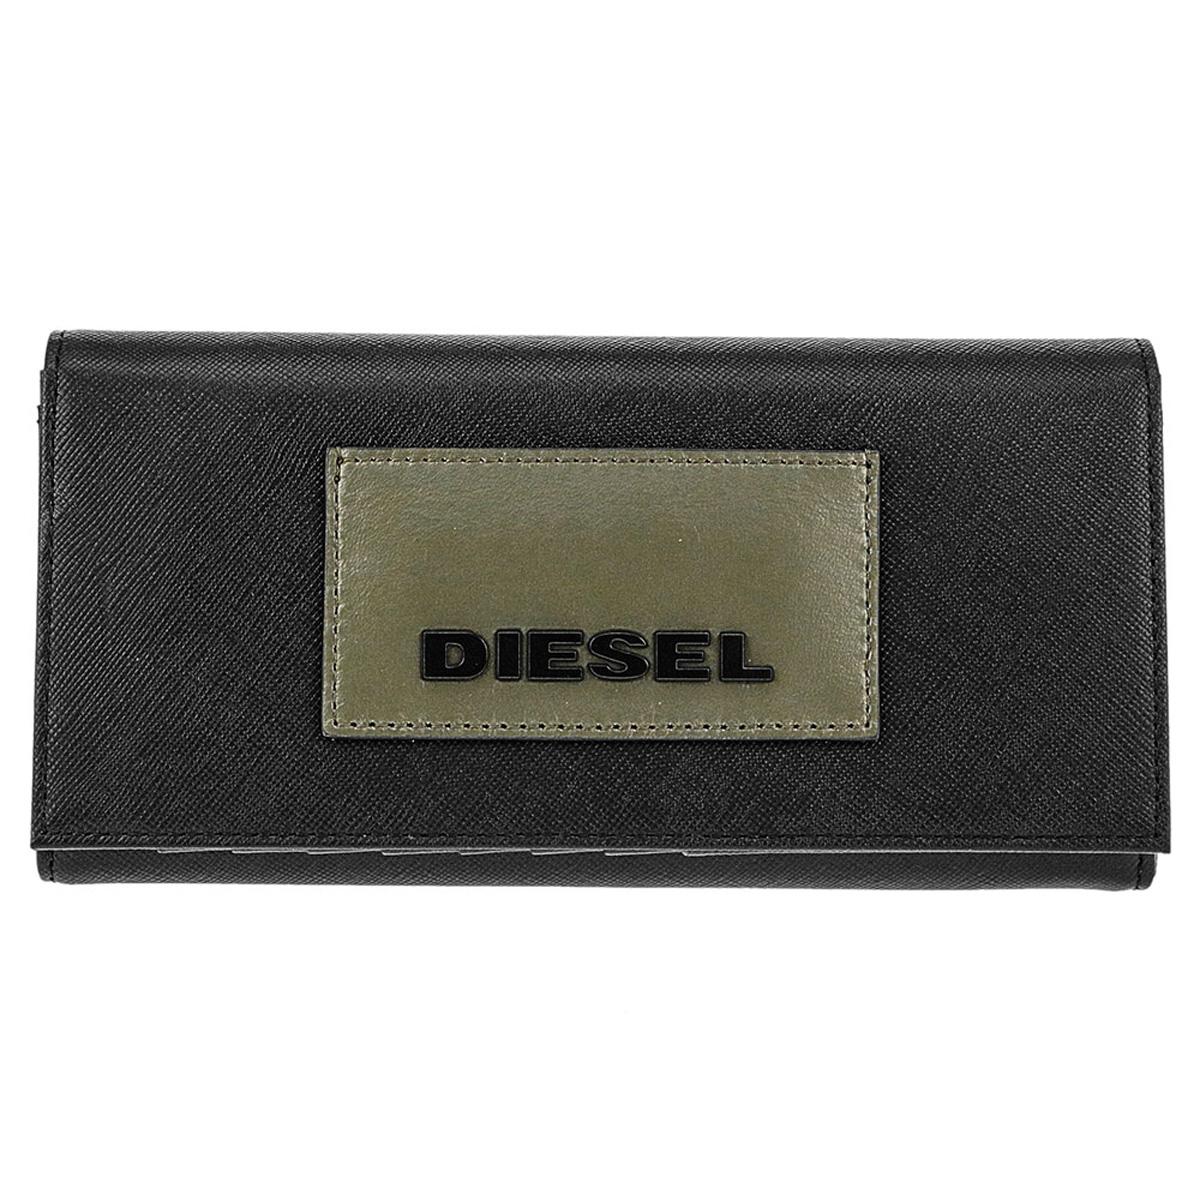 ディーゼル DIESEL 財布 X06308 P0517 T8013 24 A DAY 小銭入れ付き フラップ 長財布 BLACK ブラック+カーキグリーン系